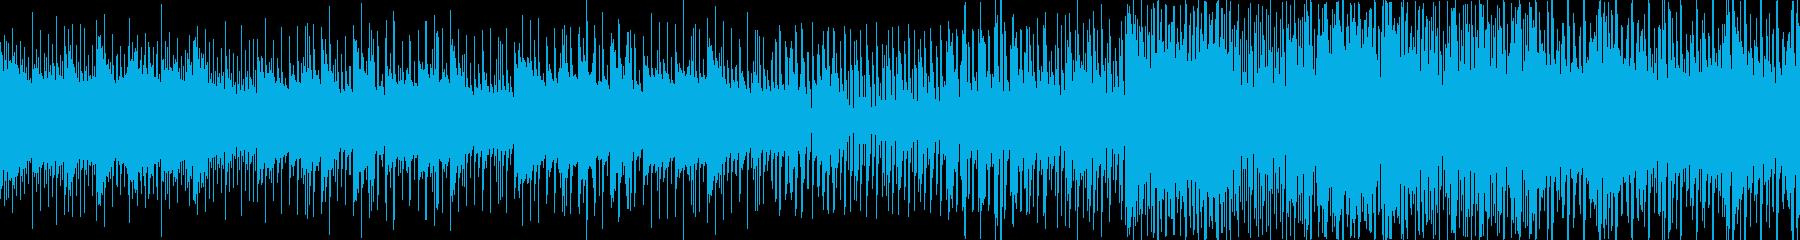 ホイッスルサウンド、陽気でギターポ...の再生済みの波形